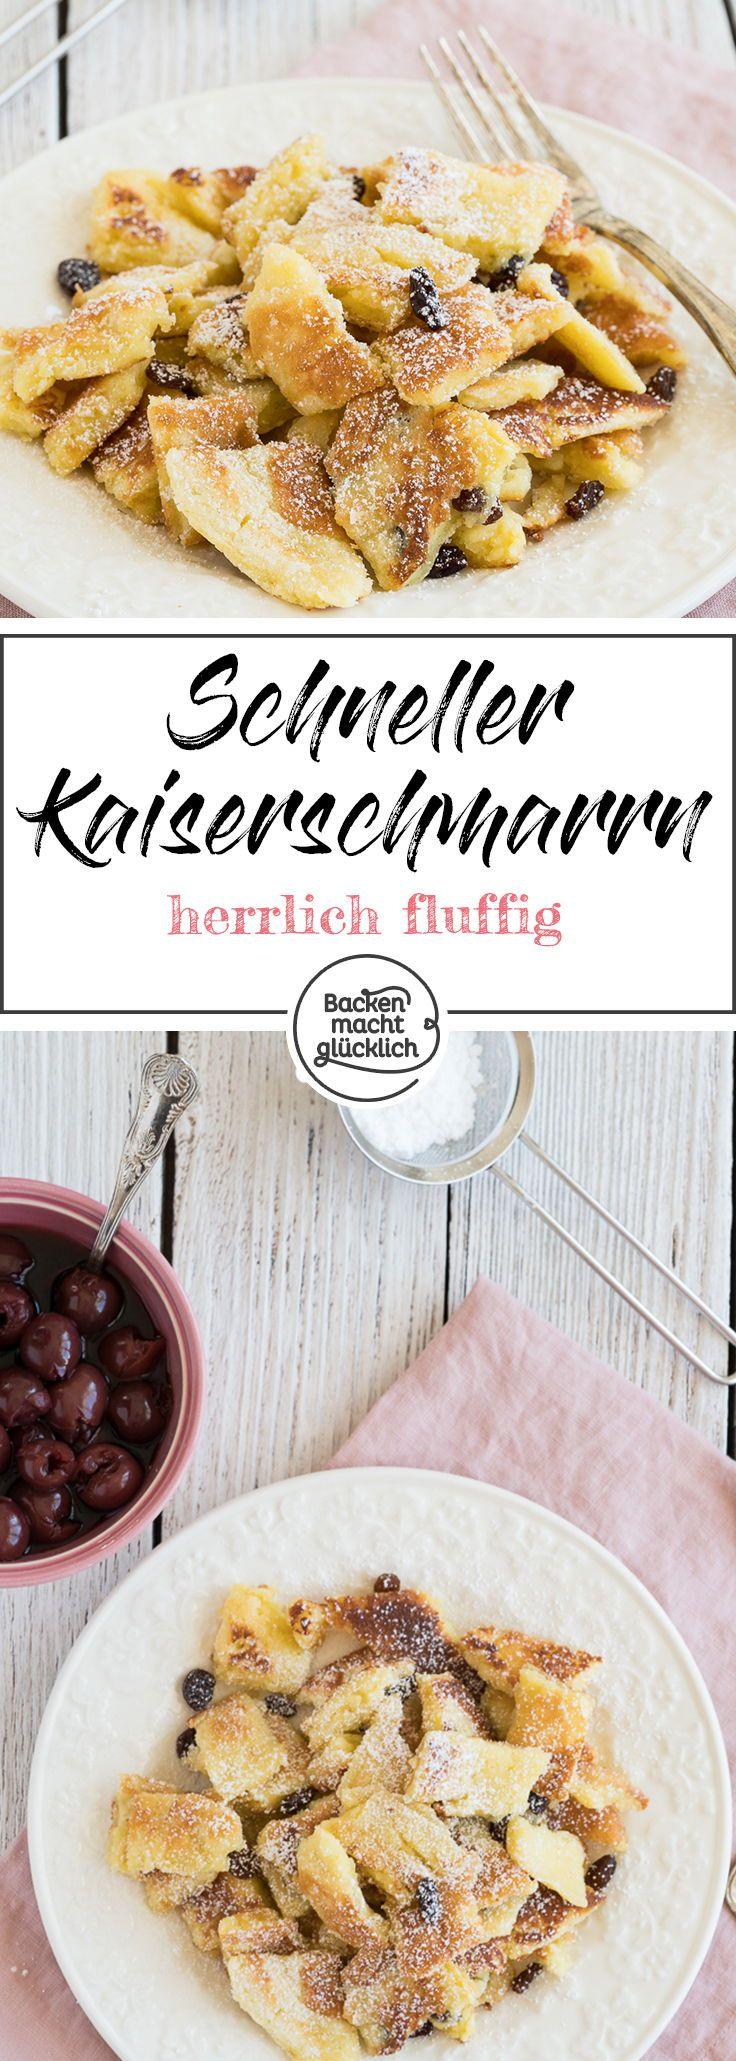 Kaiserschmarrn Rezept Kaiserschmarrn Rezept Rezepte Kaiserschmarrn